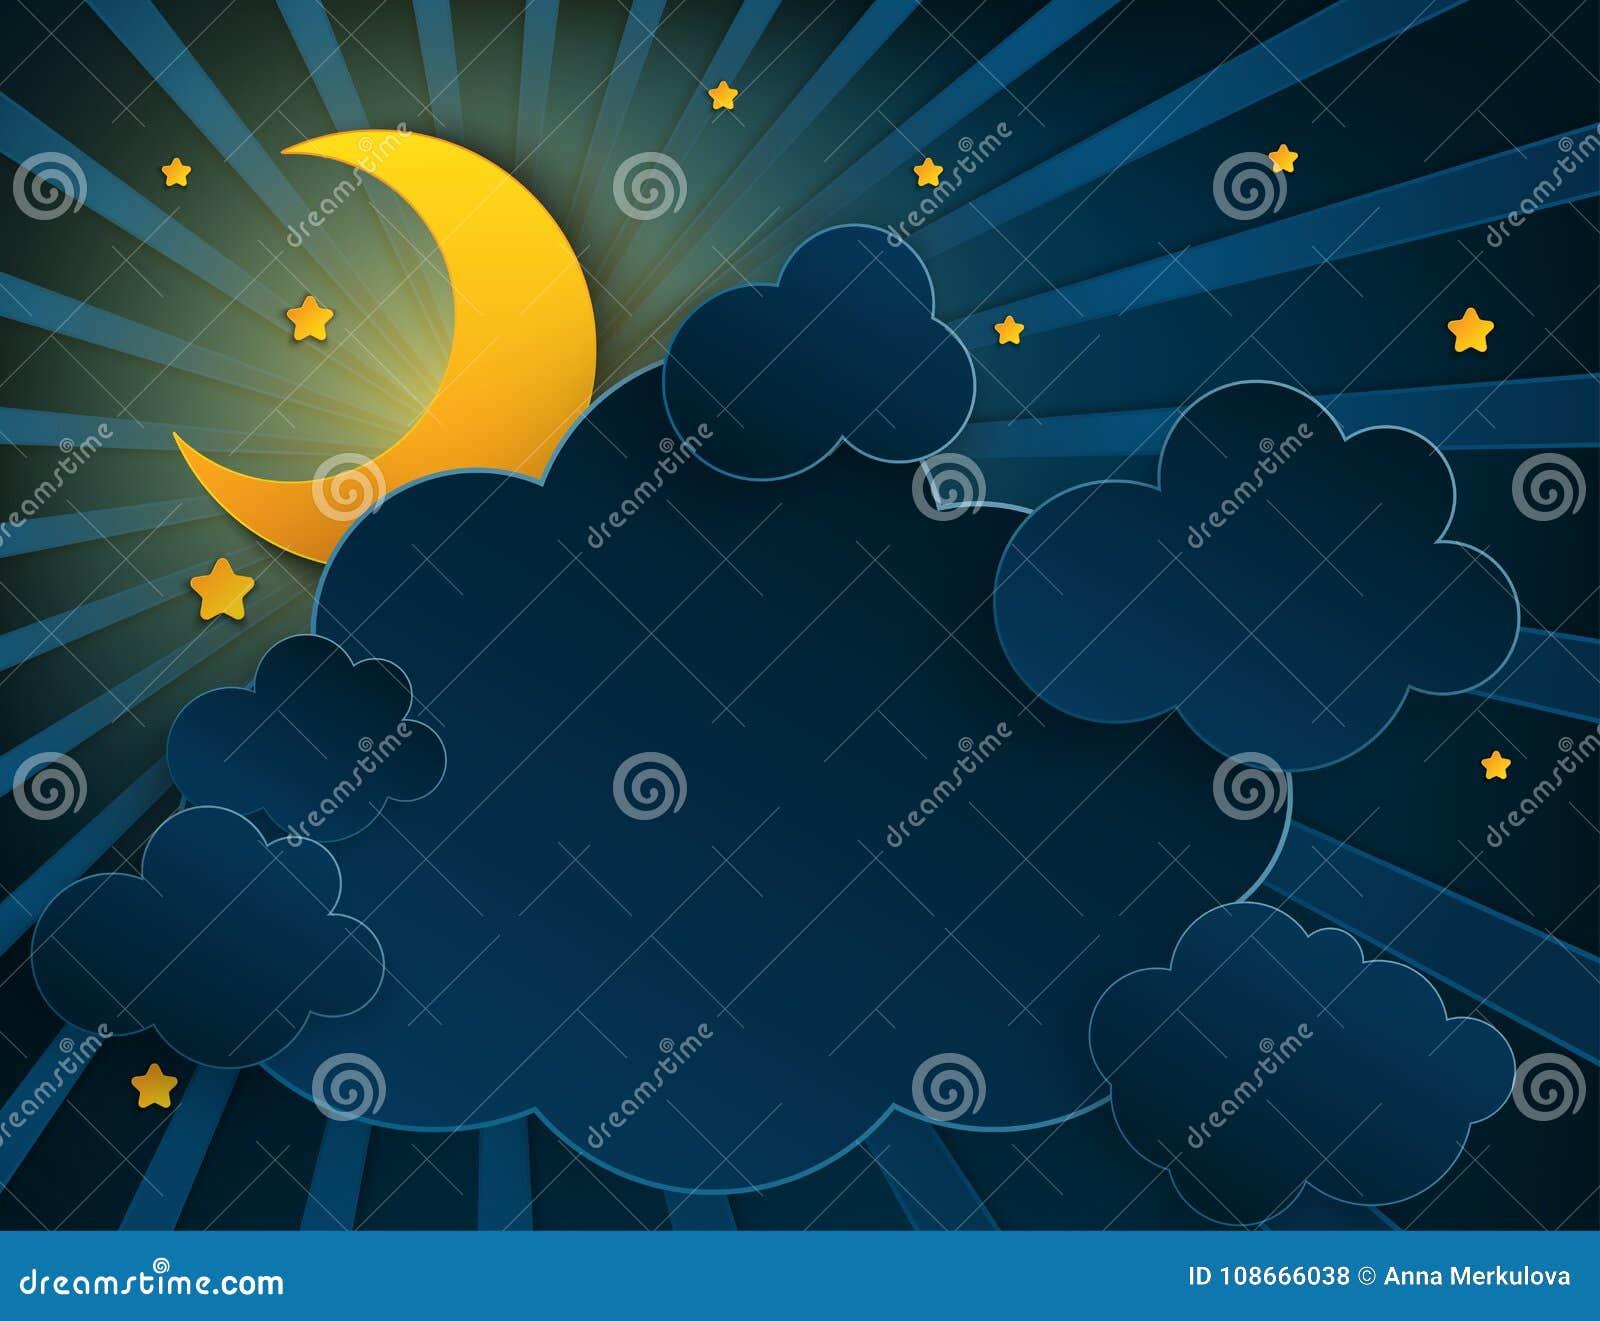 Papierowej sztuki przyrodnia księżyc, promienie, puszyste chmury i gwiazdy,